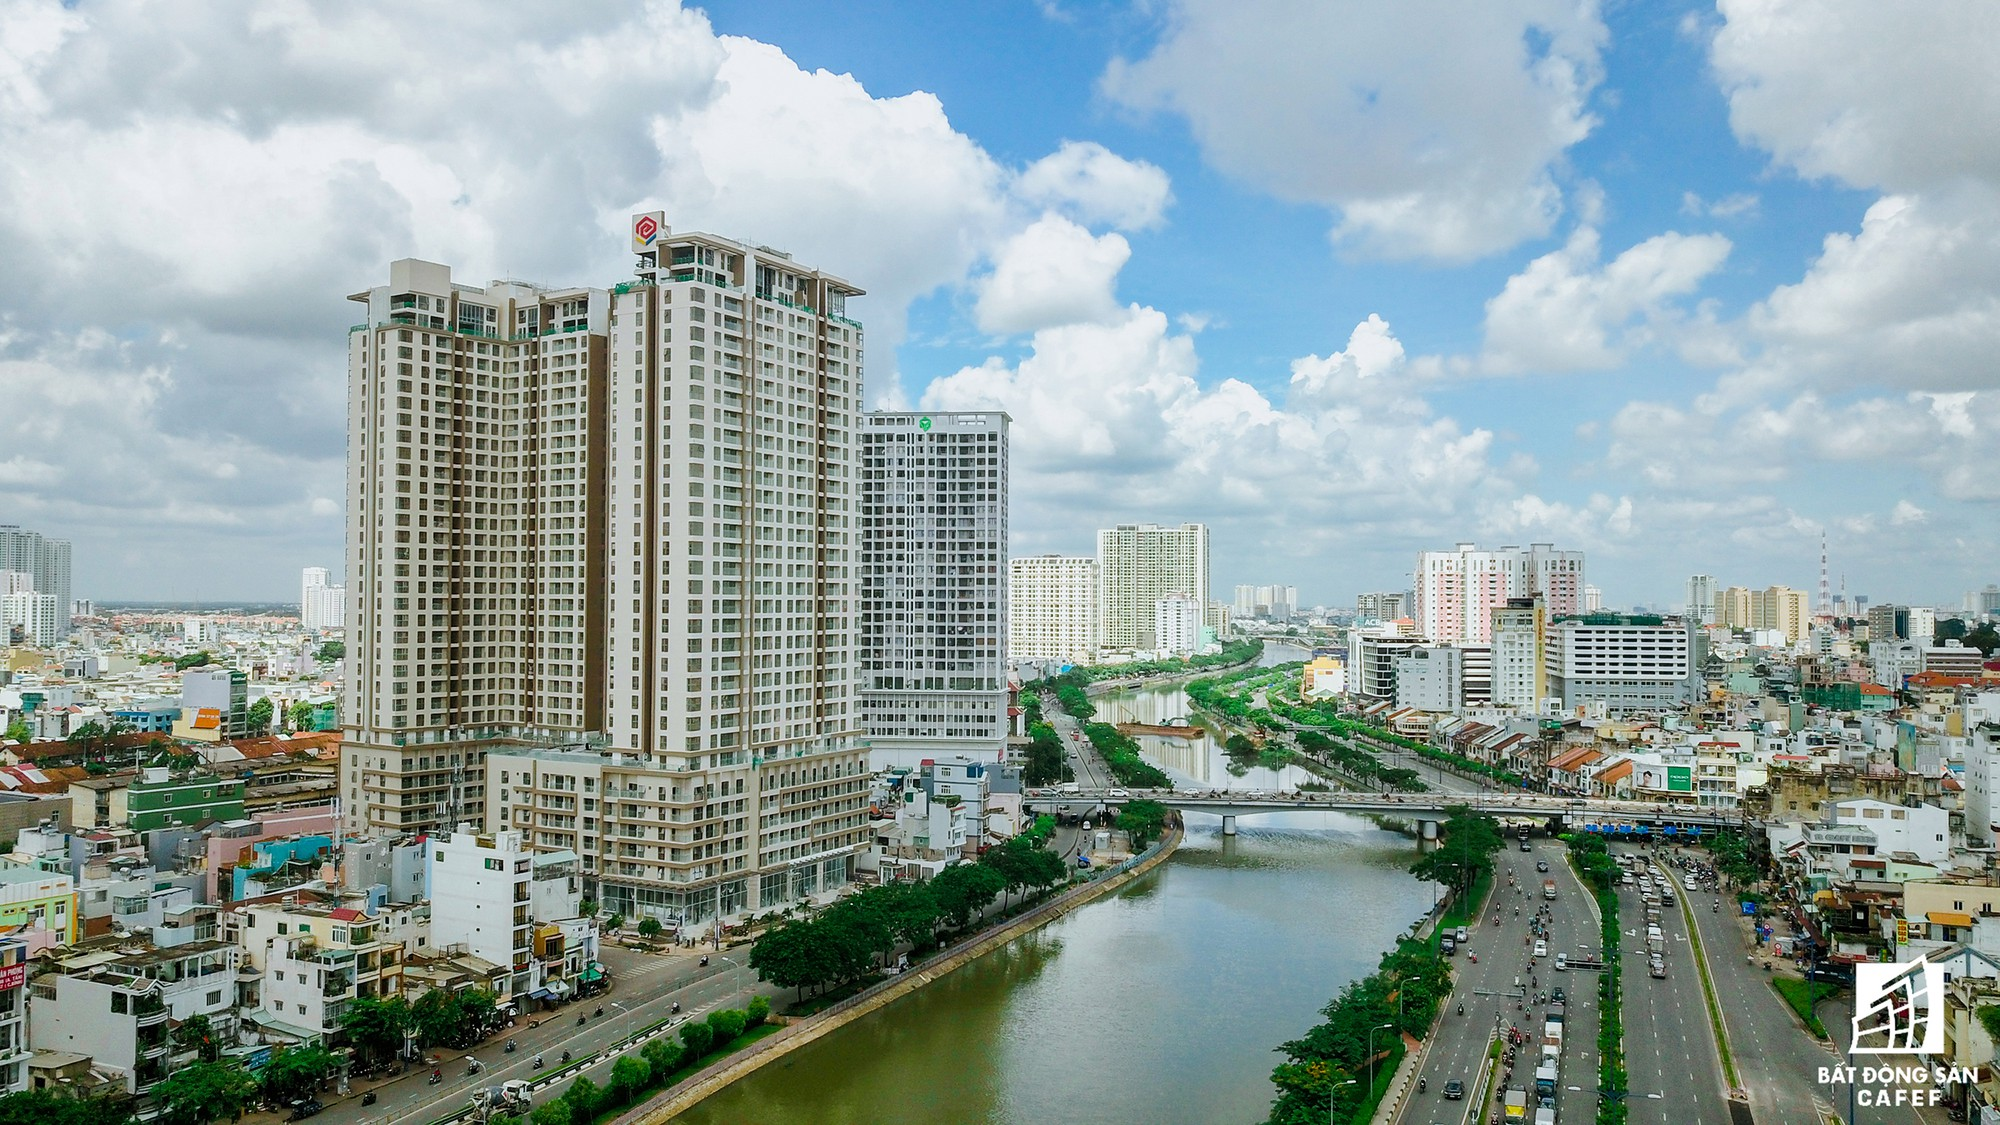 Những cửa ngõ ra vào trung tâm Sài Gòn đang bị bóp nghẹt như thế nào? - Ảnh 6.